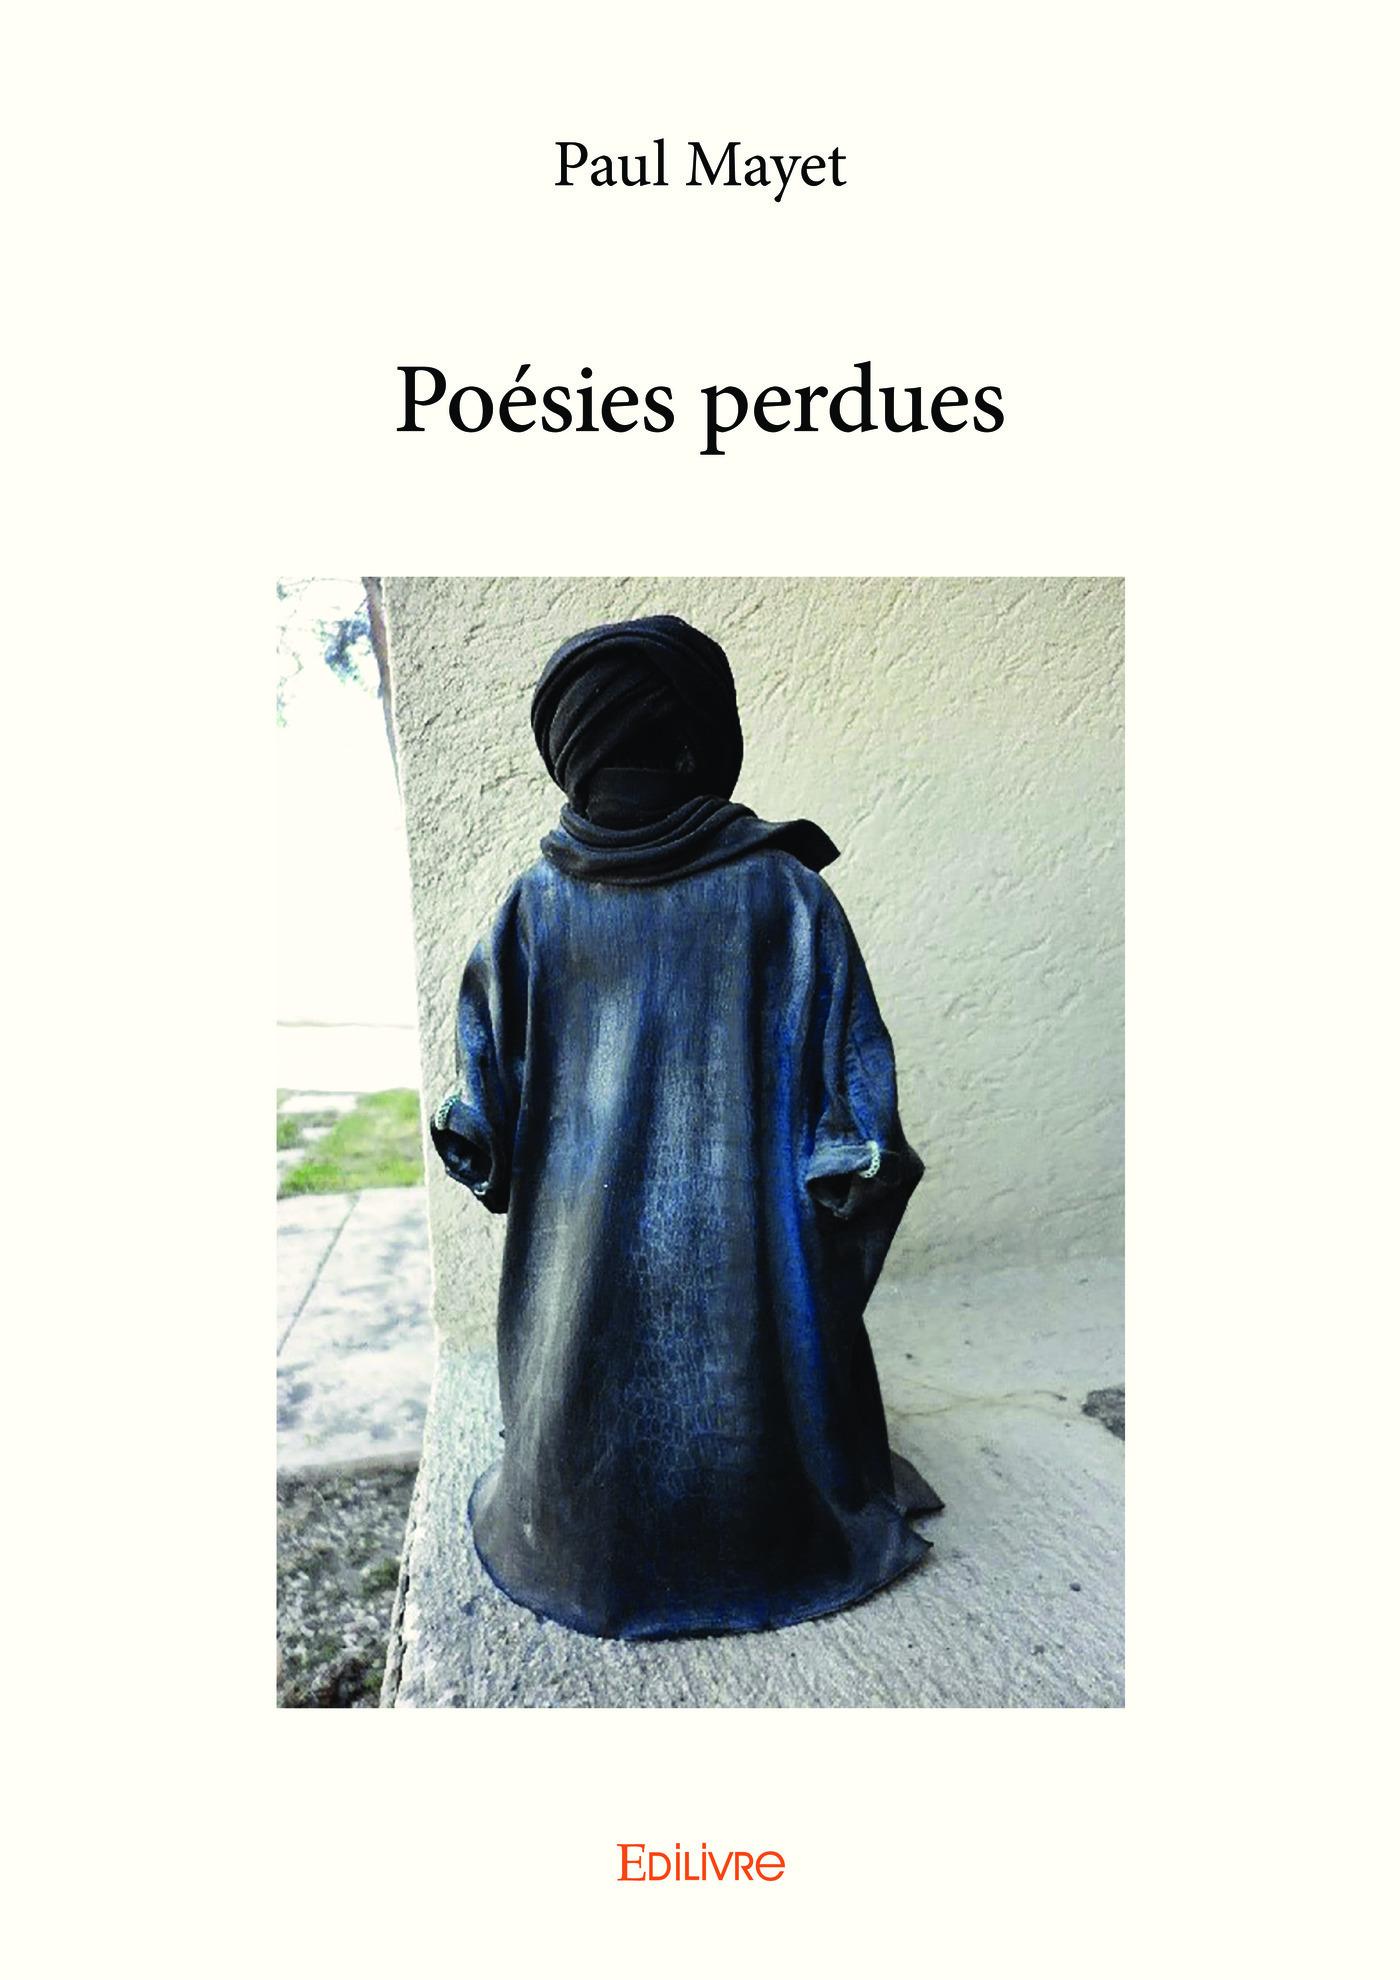 Poesies perdues